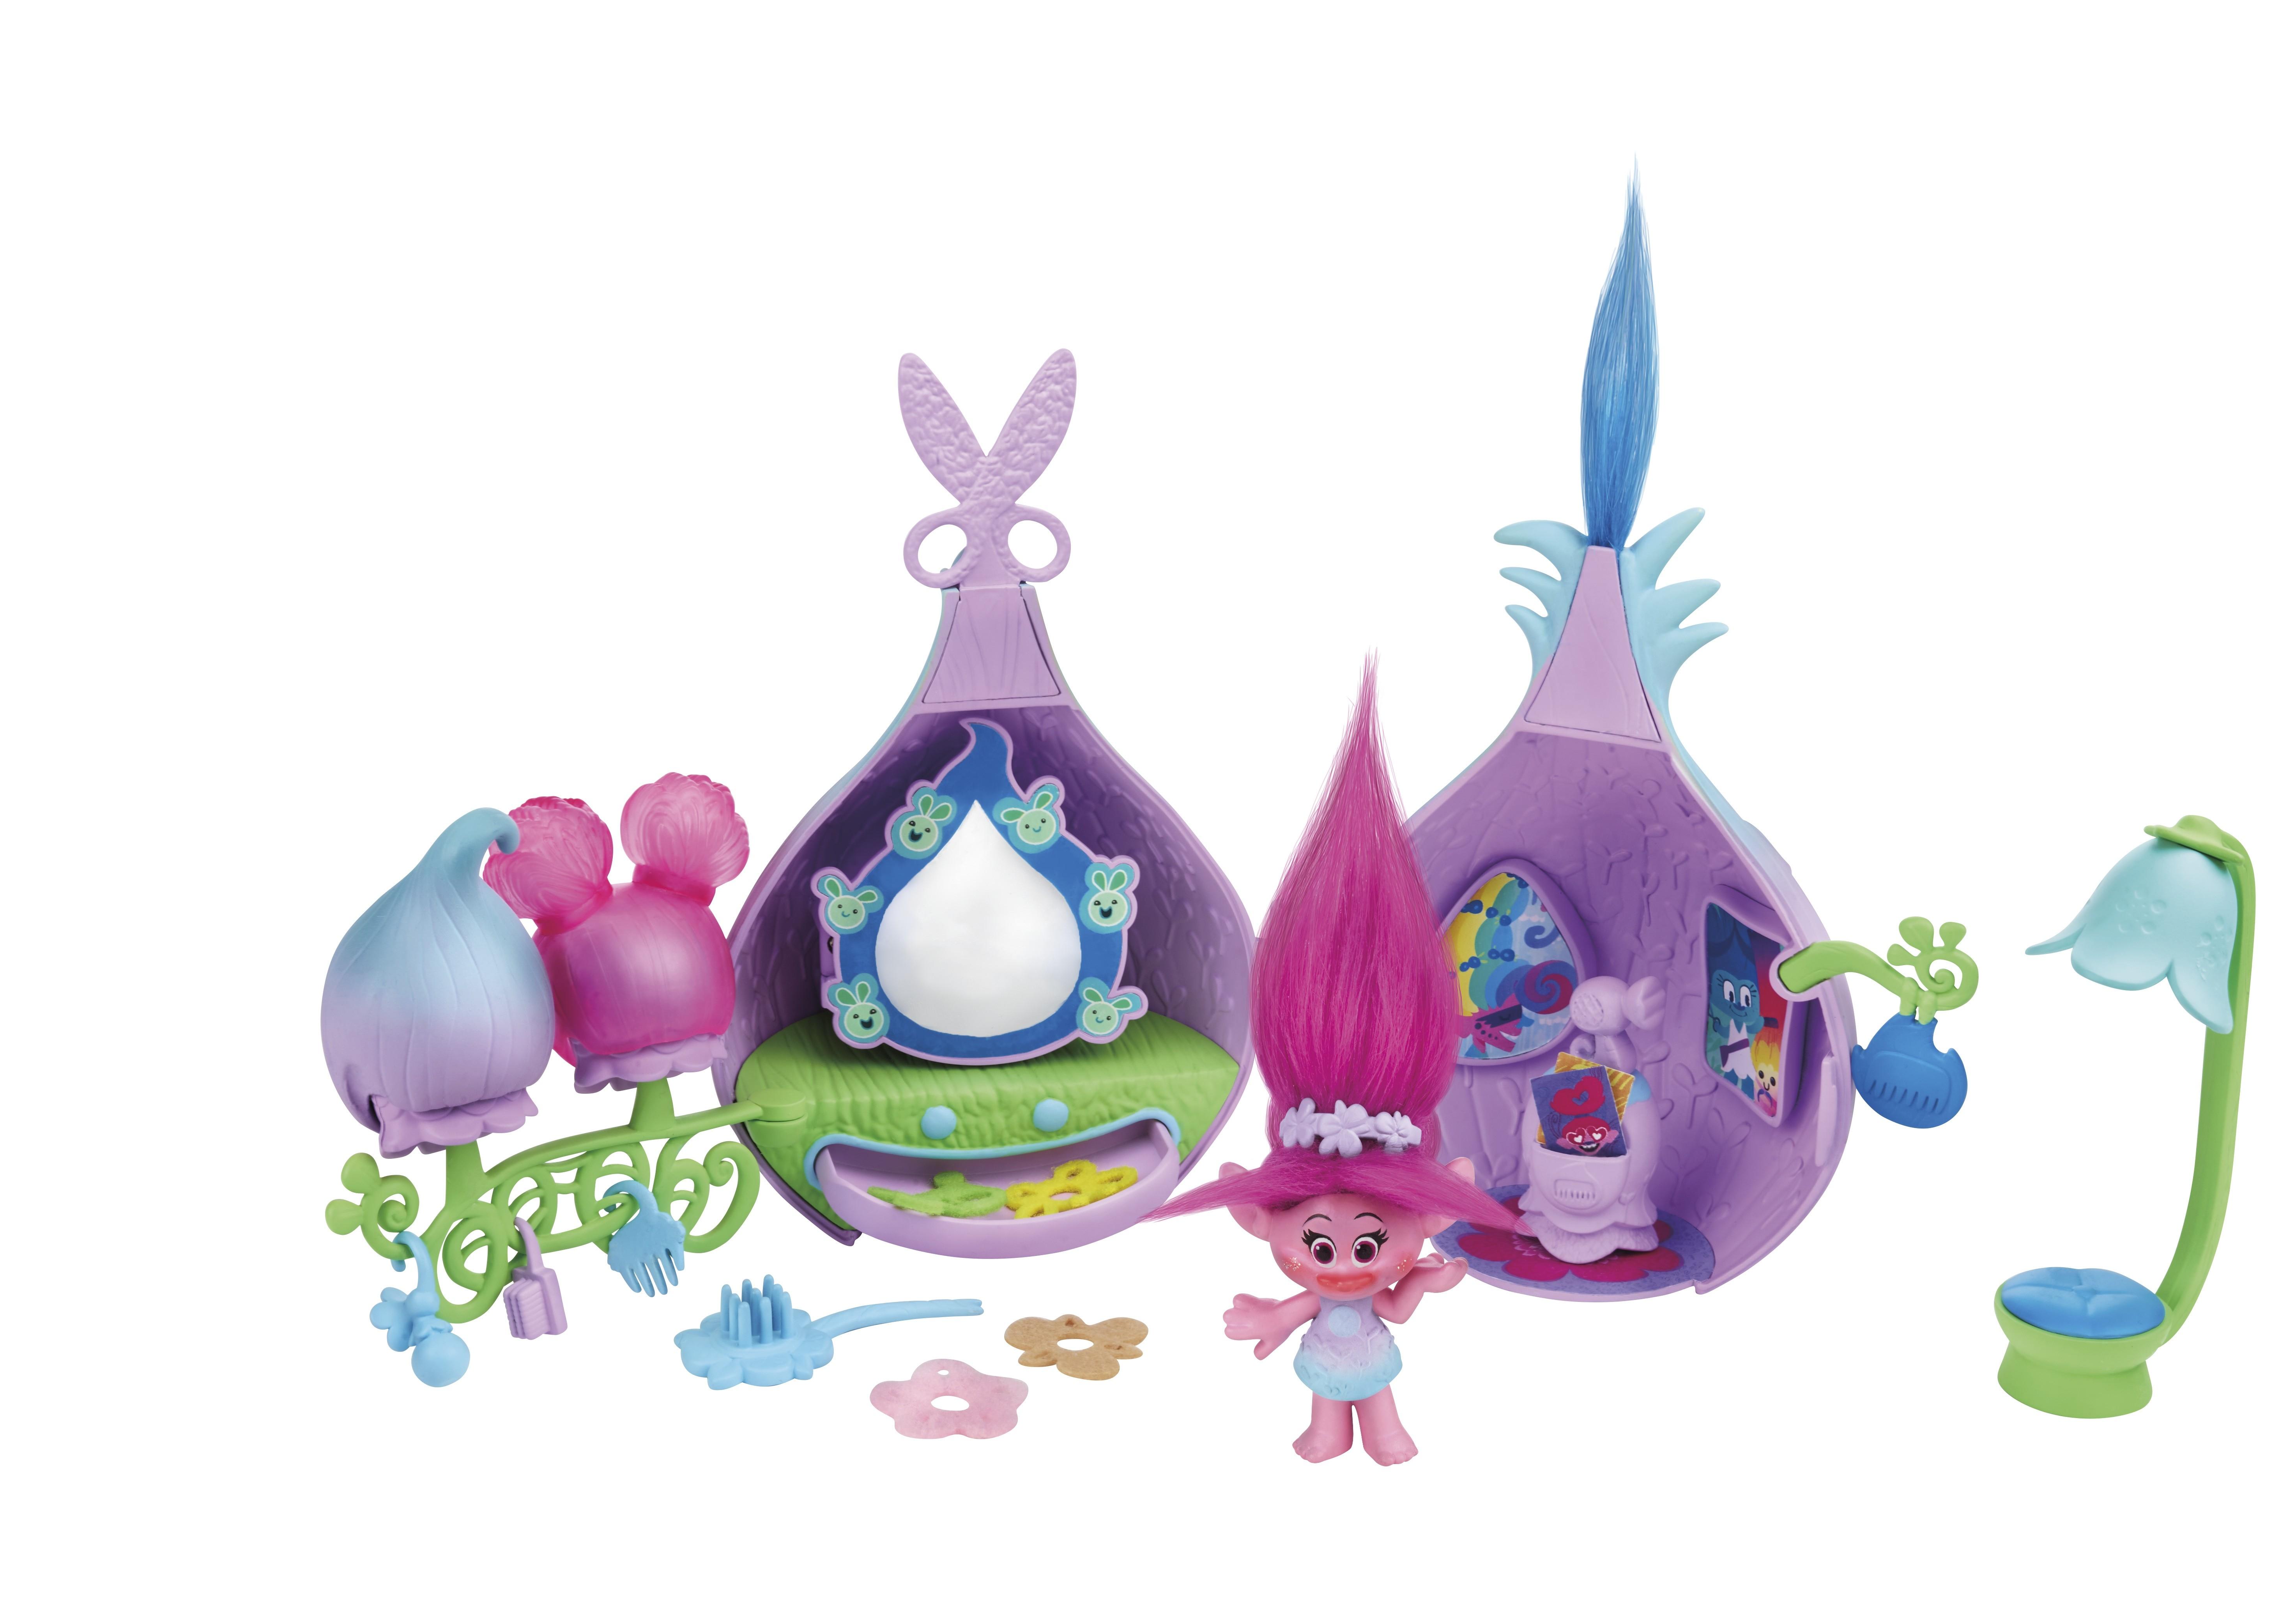 Игровой набор Hasbro Салон красоты Троллей hasbro игровой набор hasbro trolls волшебное дерево троллей